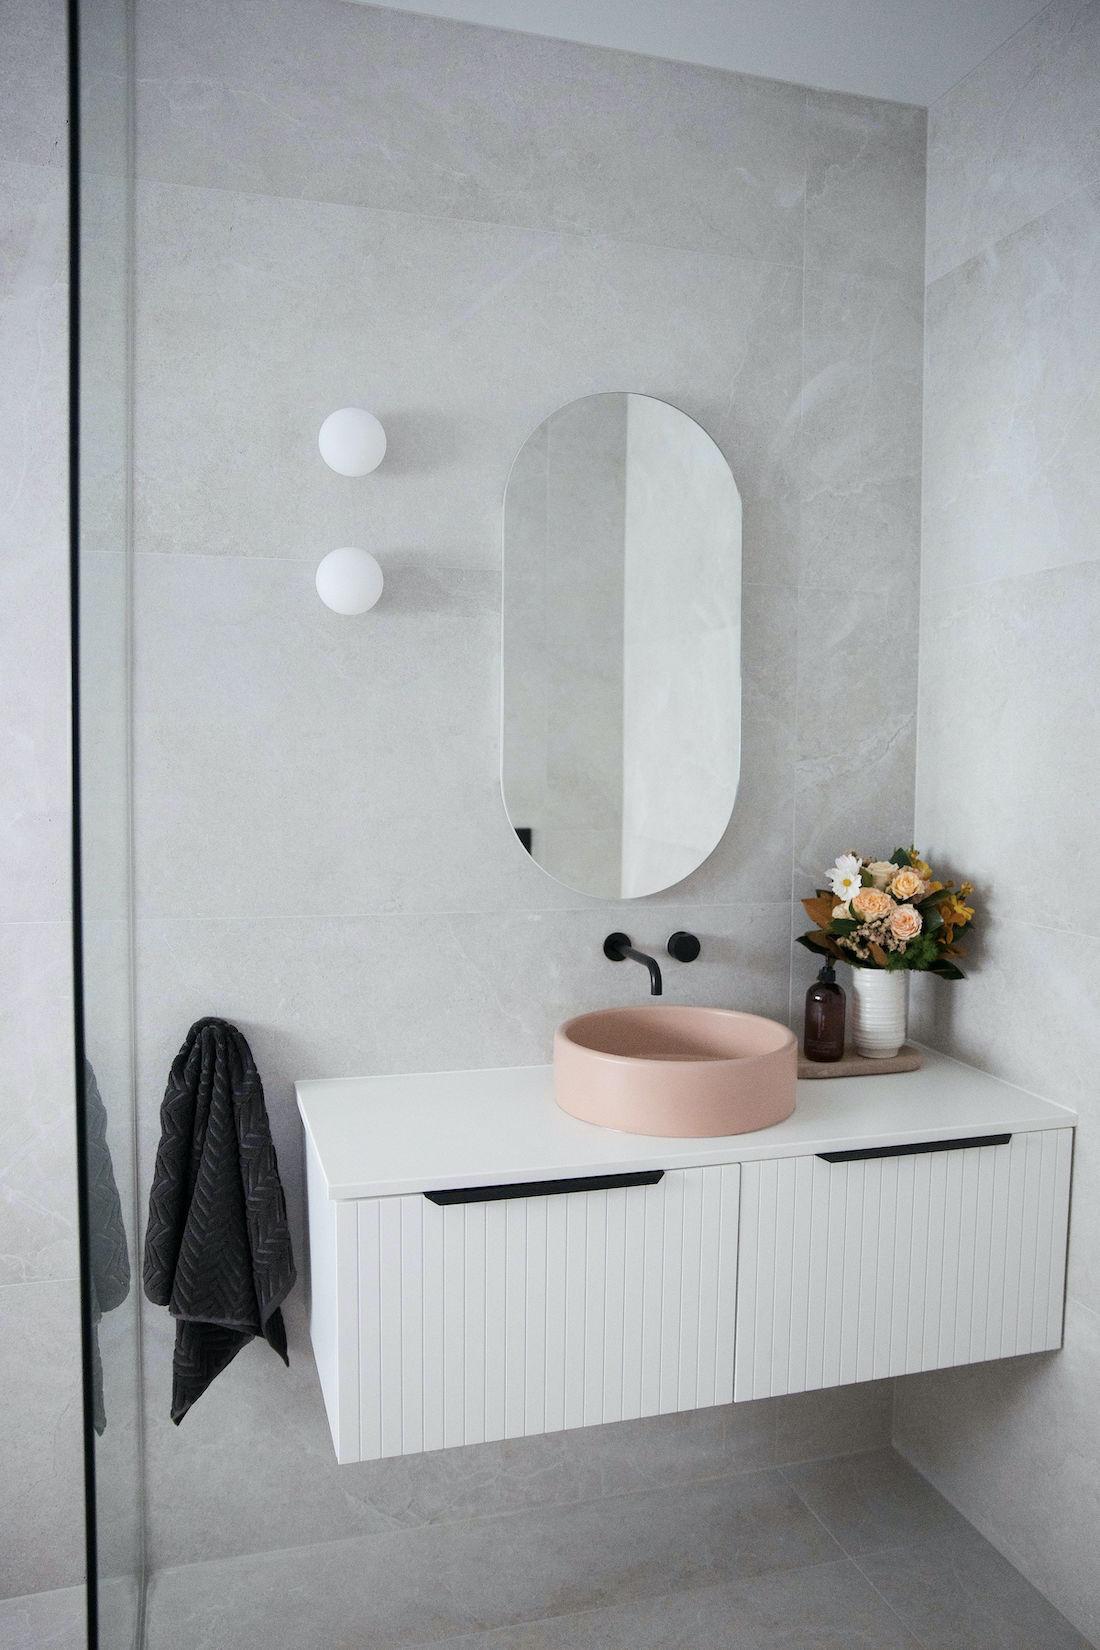 New v-groove vanity